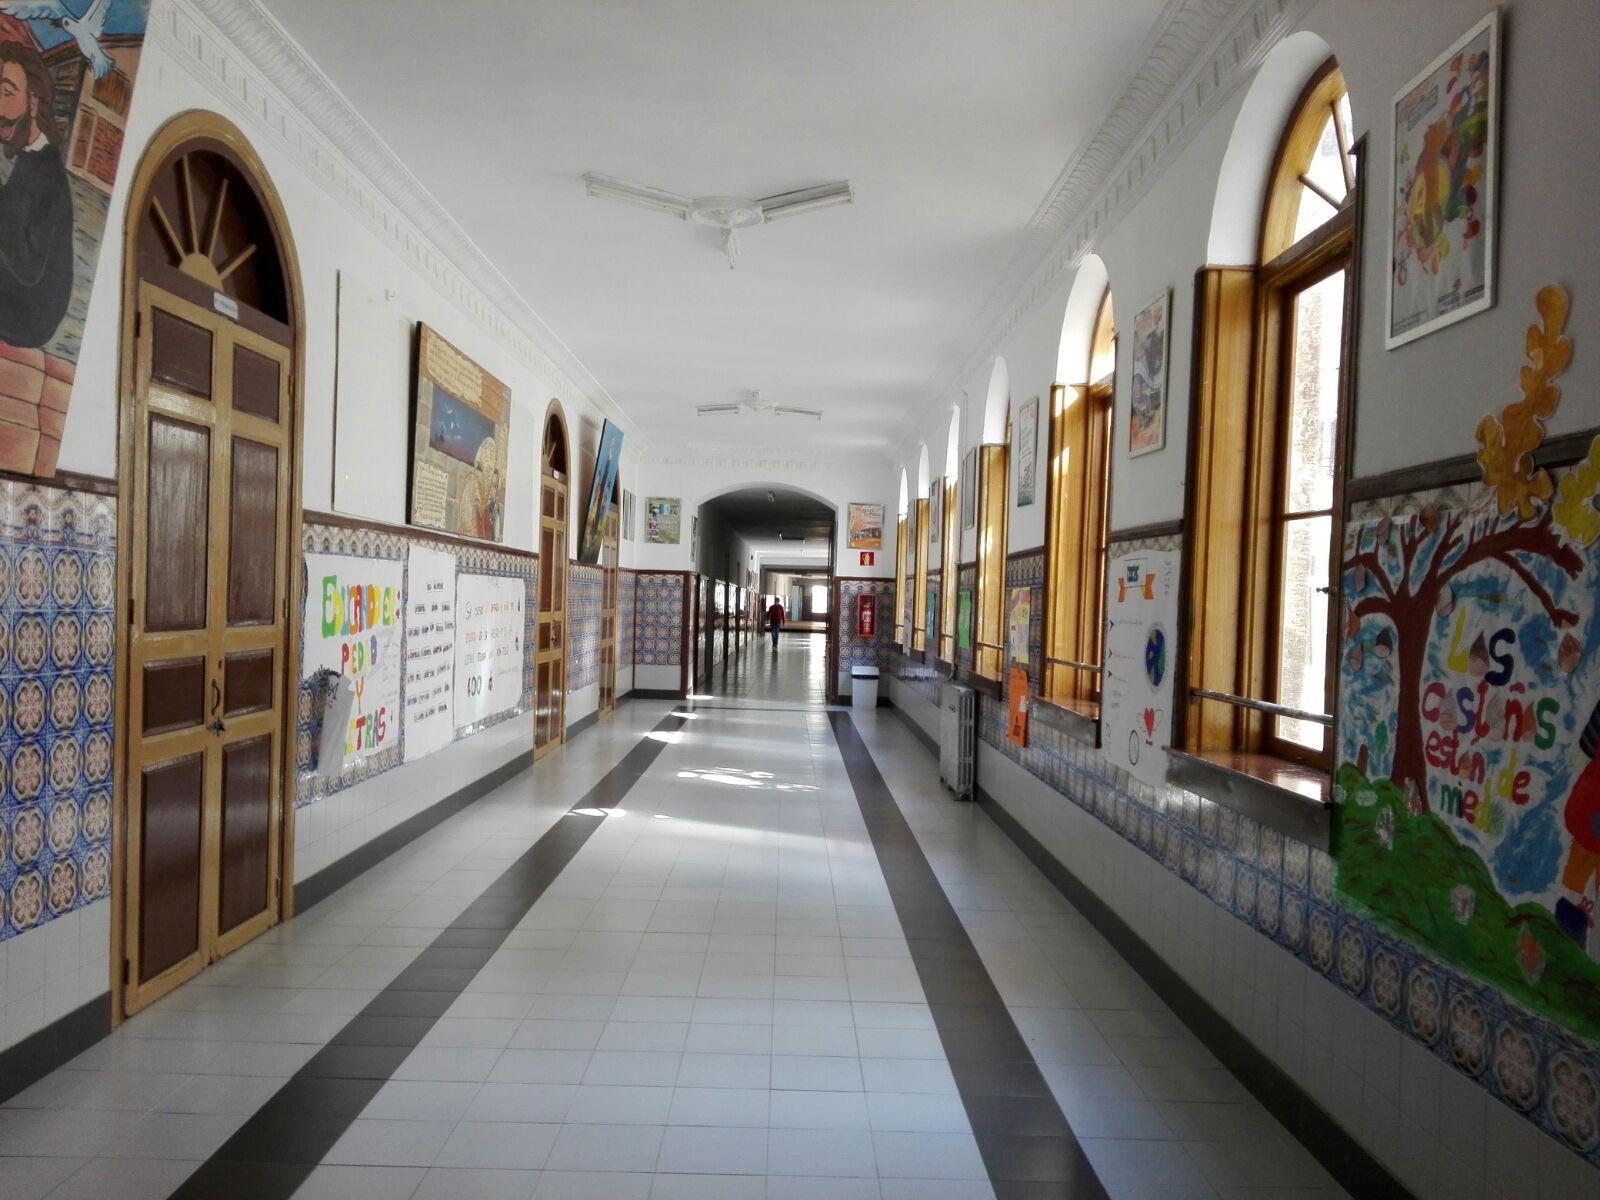 Instalaciones  Escolapios de Villacarriedo  Educacin de